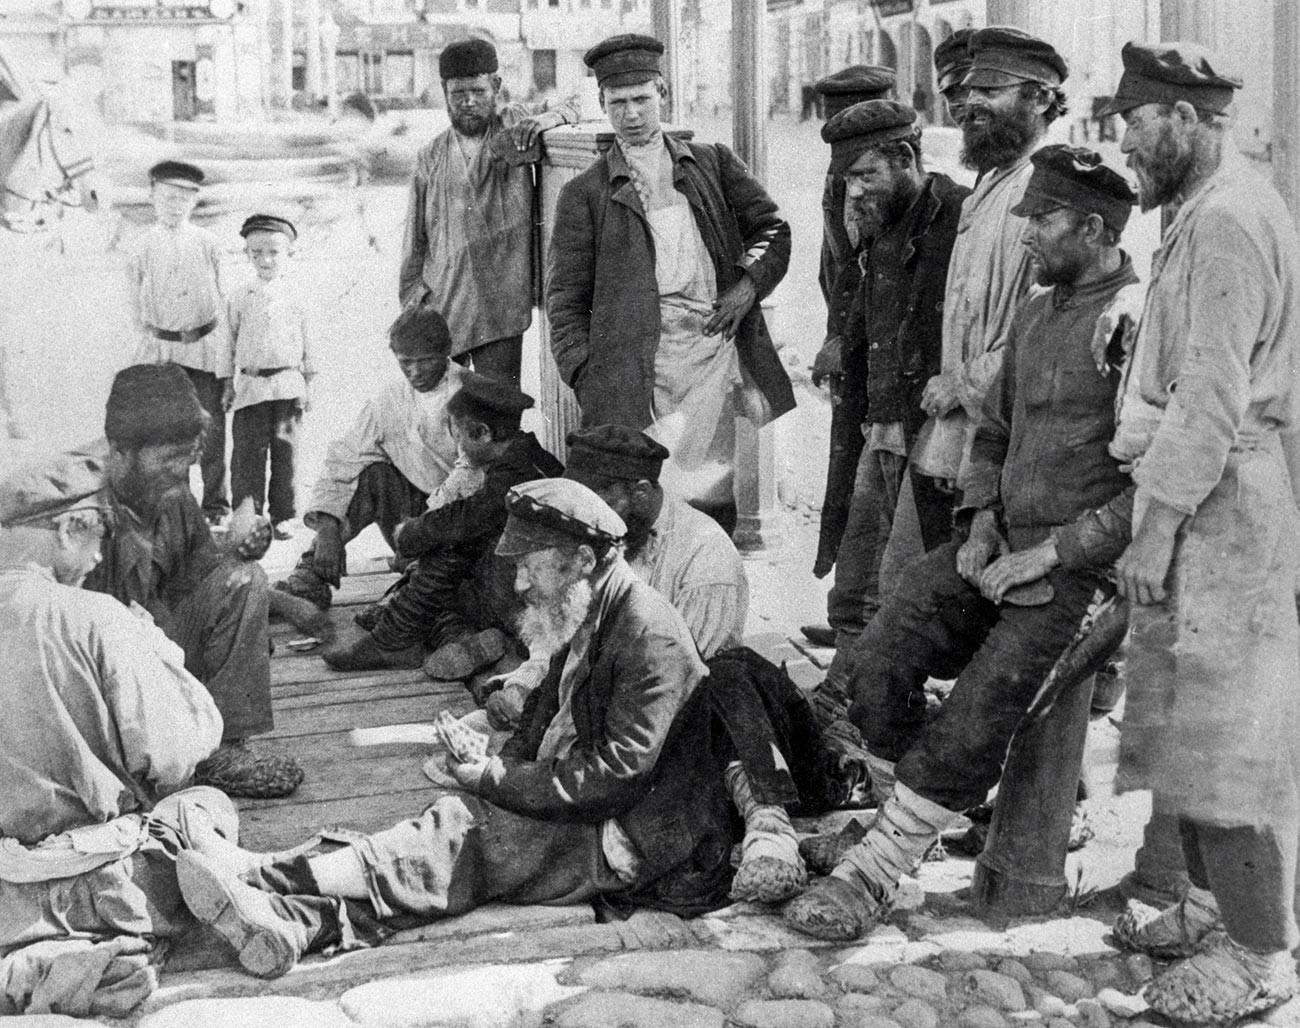 路上でトランプで遊ぶホームレスの人、19世紀末